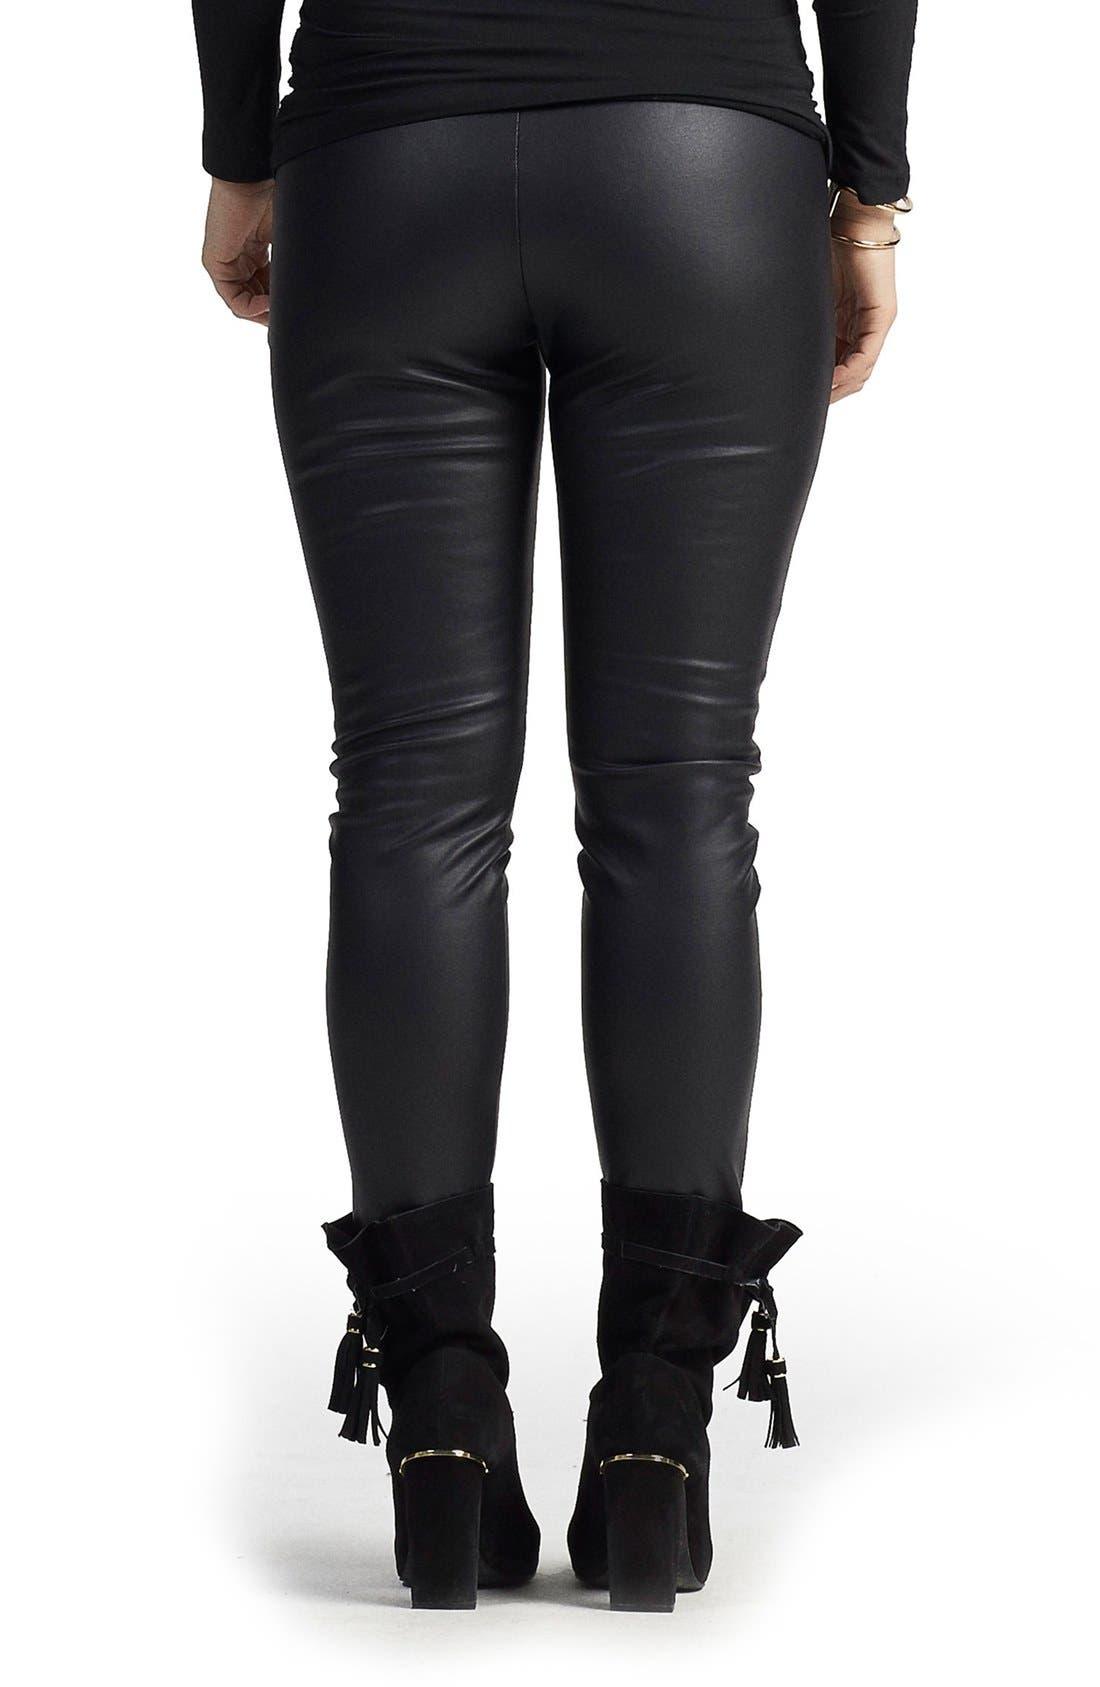 Sadi Faux Leather Maternity Pants,                             Alternate thumbnail 2, color,                             001